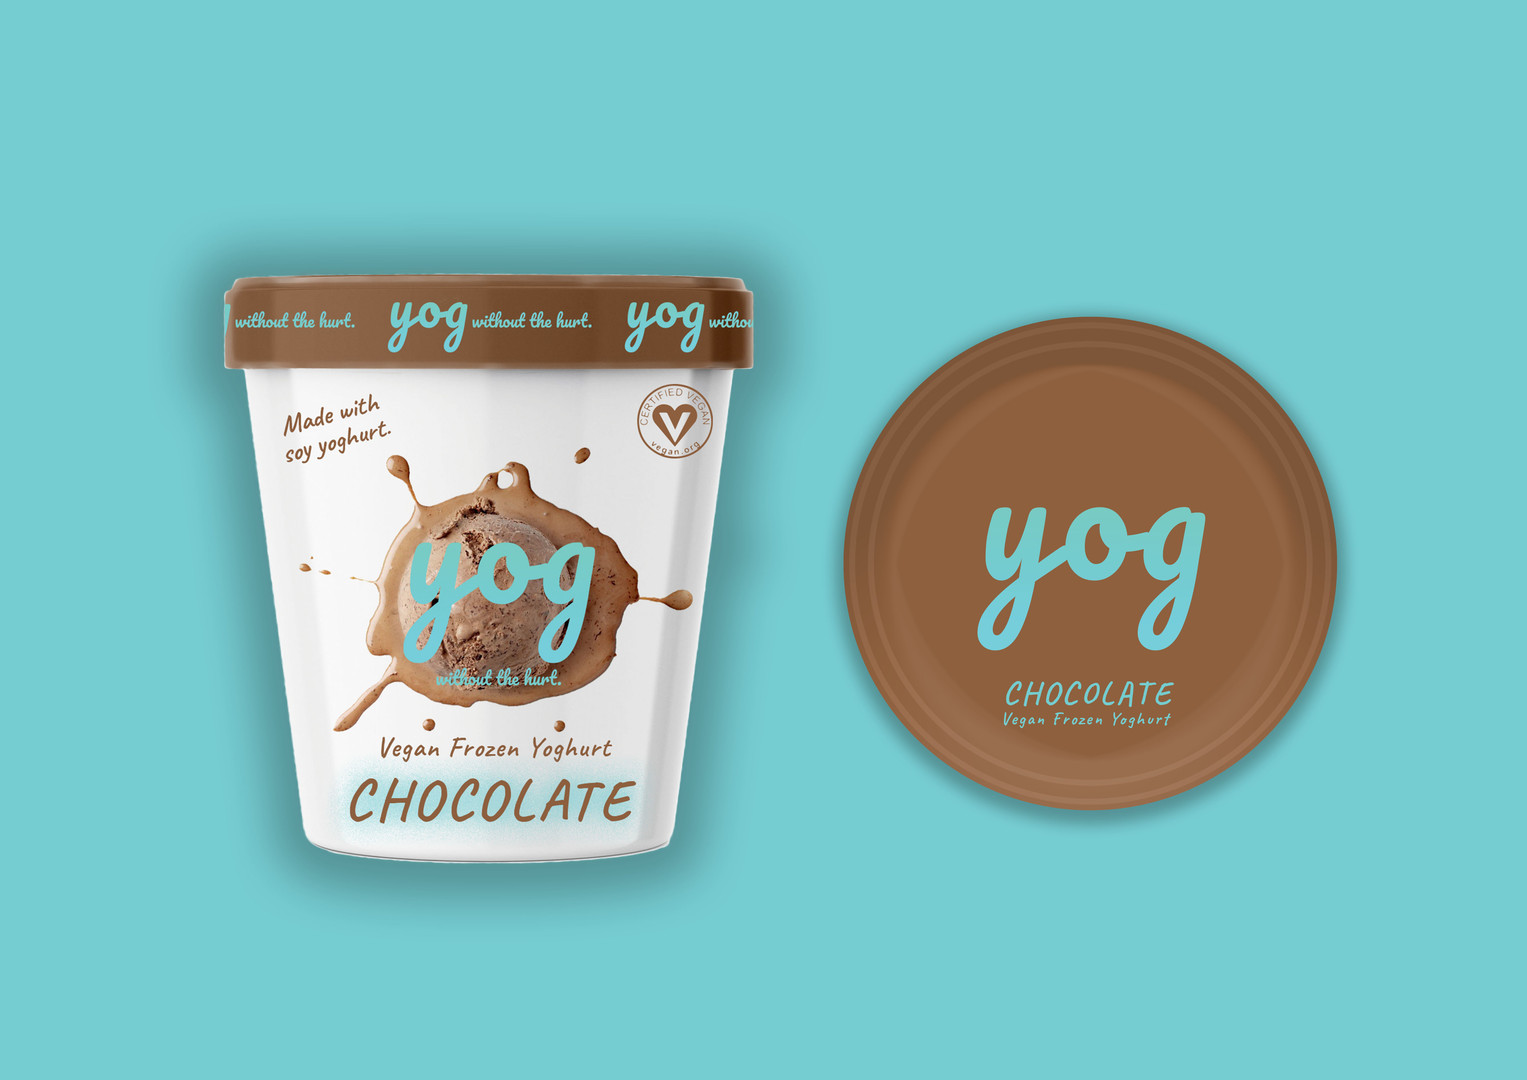 Chocolate Yog